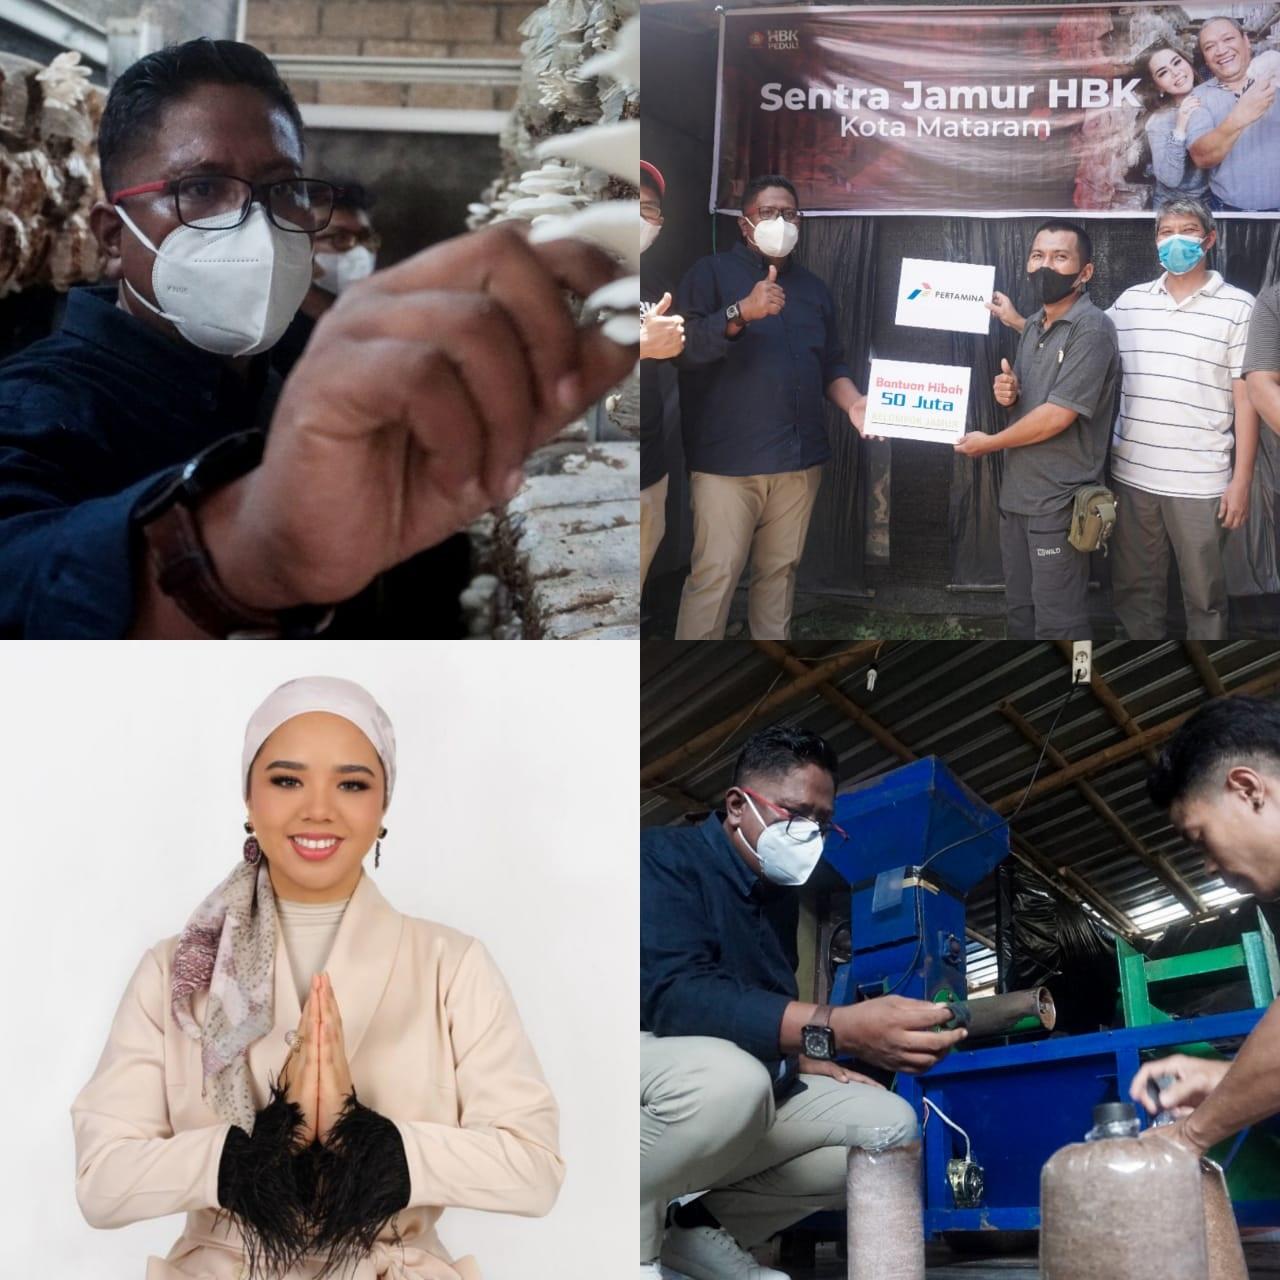 KETUA Yayasan HBK Peduli, Ali Al Khairi, melihat proses pembibitan jamur tiram di Pagutan, Kota Mataram, Sabtu (18/9/2021). Foto: rul